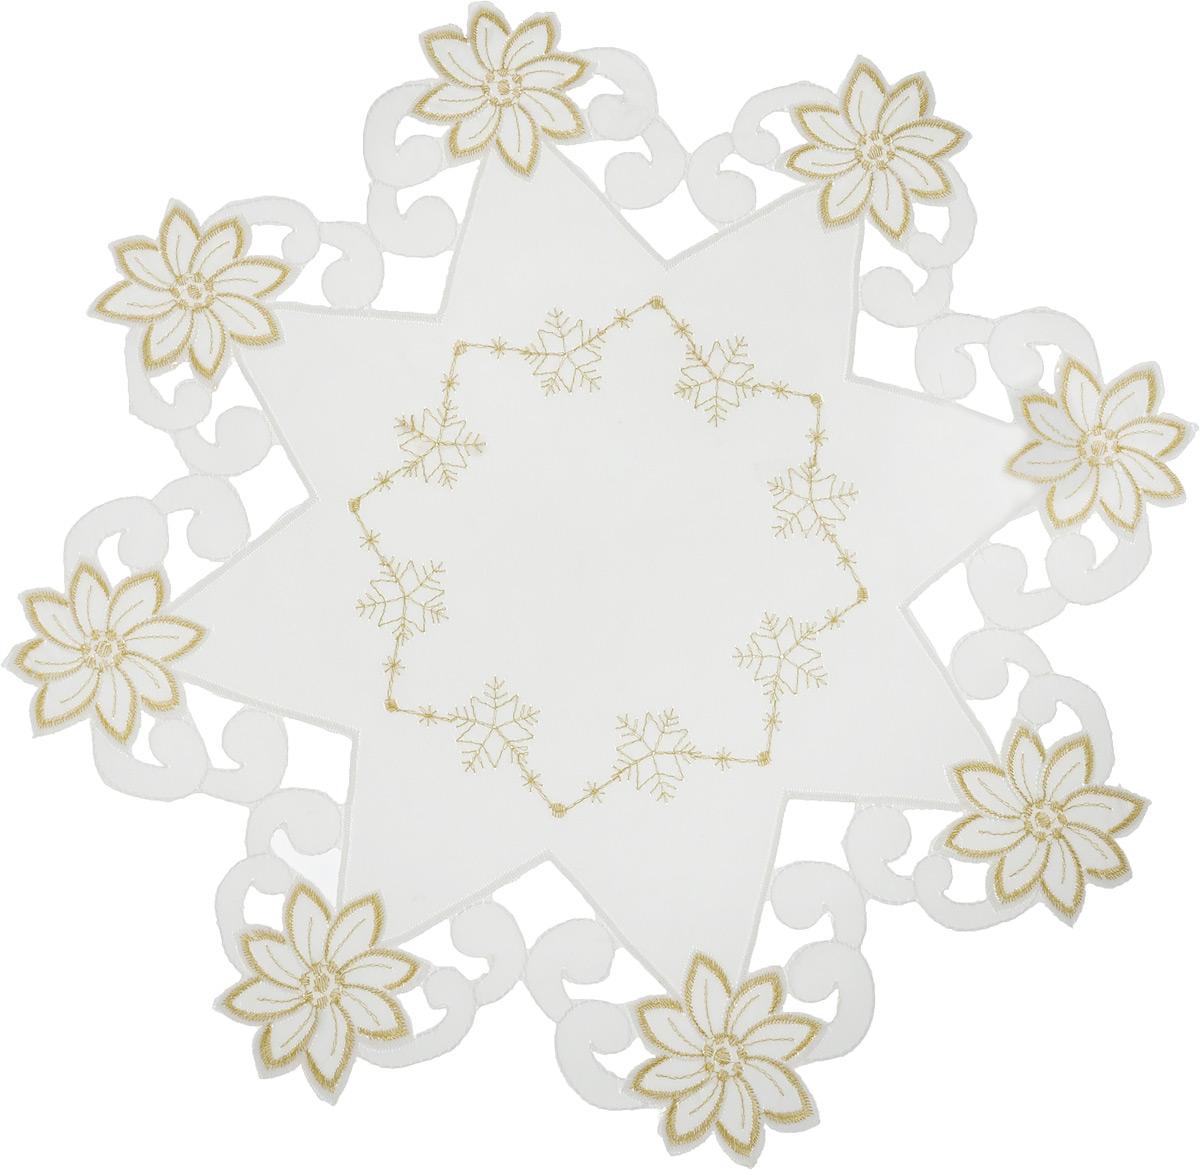 Салфетка Schaefer , круглая, цвет: молочный, золотистый, диаметр 38 см. 07803-3161со4461-22Круглая салфетка Schaefer, выполненная из полиэстера, оформлена декоративной перфорацией и вышивкой. Дизайнерские идеи немецких художников компании Schaefer воплощаются в текстильных изделиях, которые сделают ваш дом красивее и уютнее и не останутся незамеченными вашими гостями. Дарите себе и близким красоту каждый день!Диаметр салфетки: 38 см.